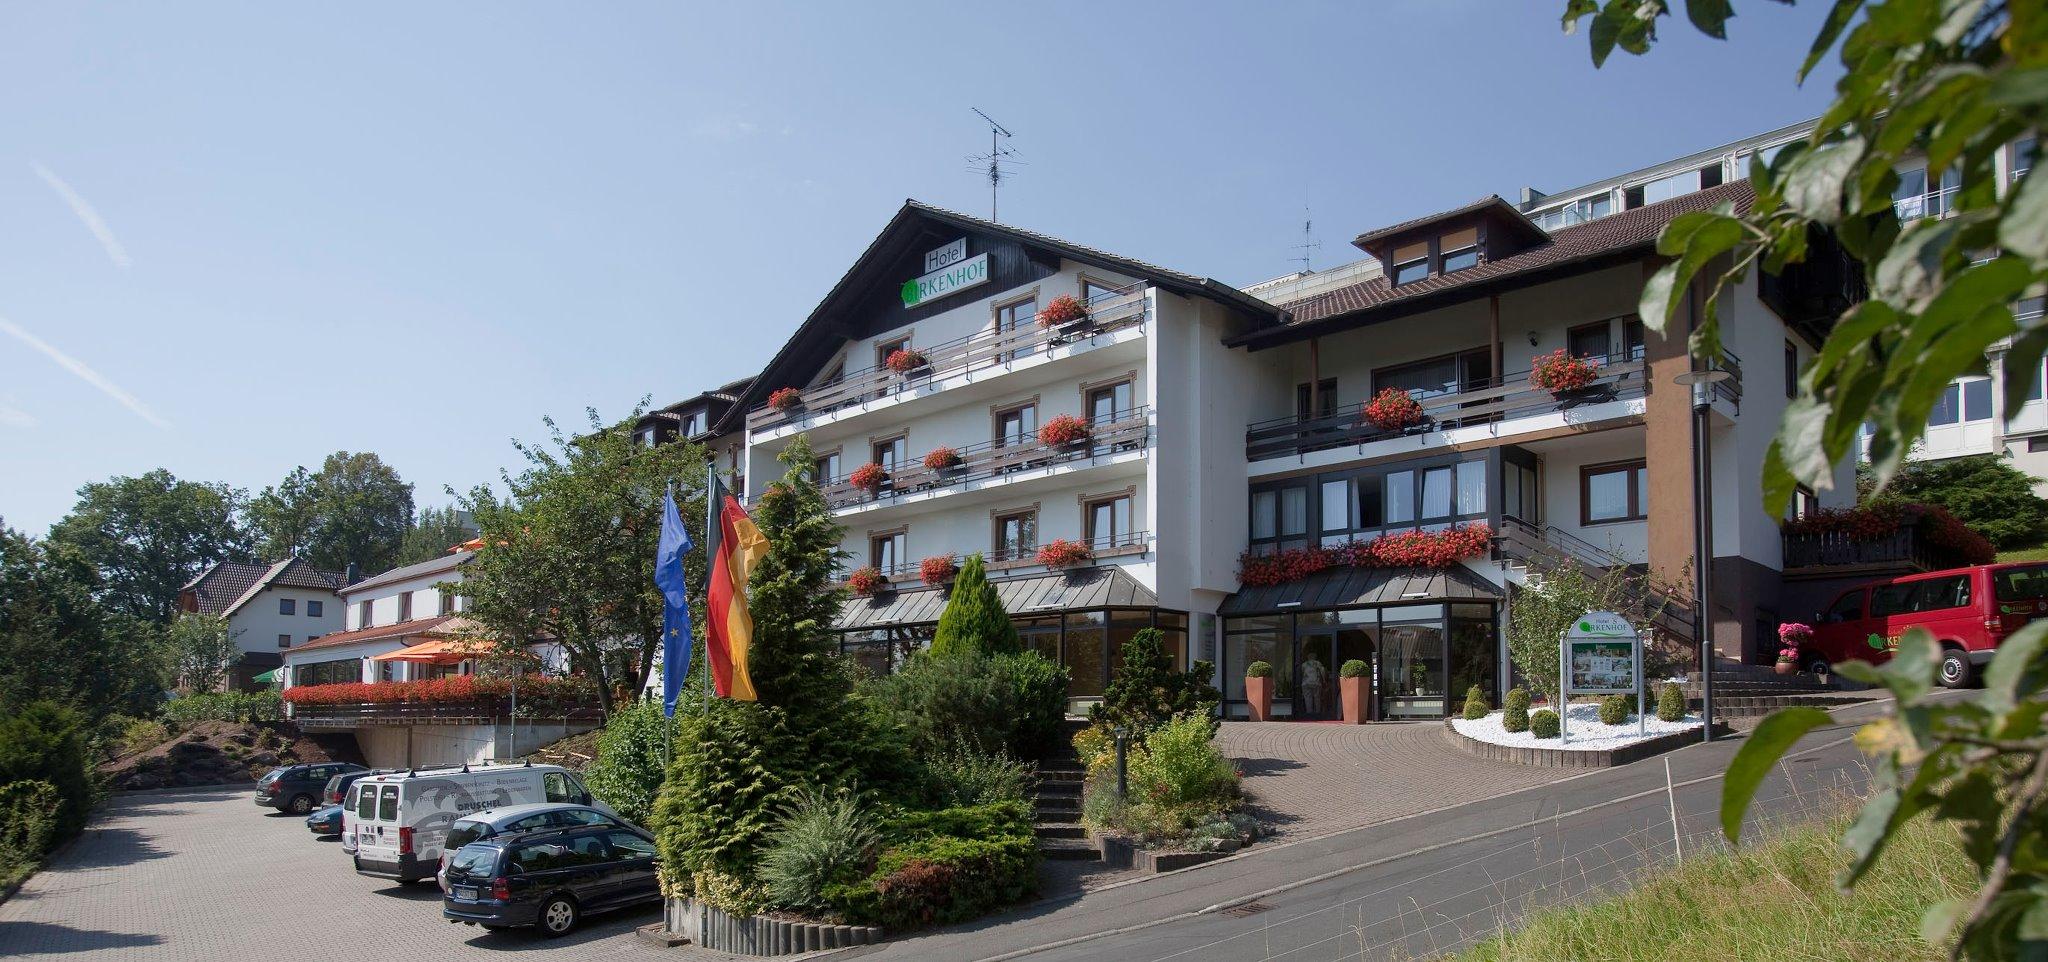 Genießertage im Hotel Birkenhof in Bad Soden-Salmünster